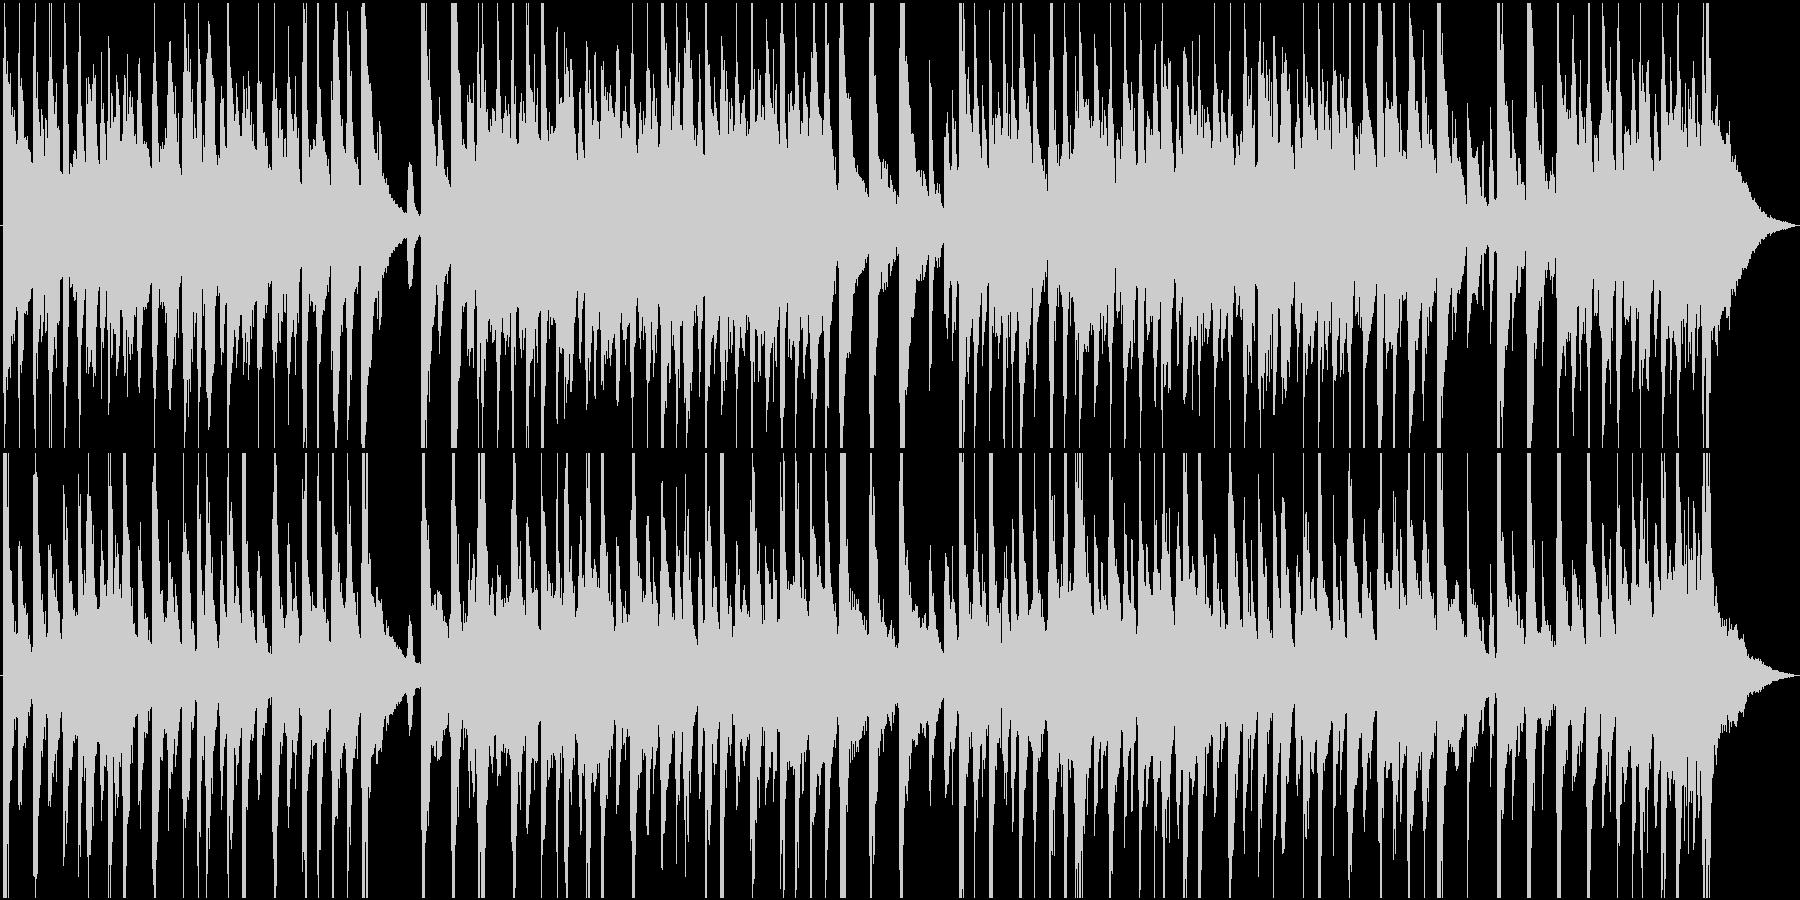 ティーン 現代的 交響曲 室内楽 ...の未再生の波形